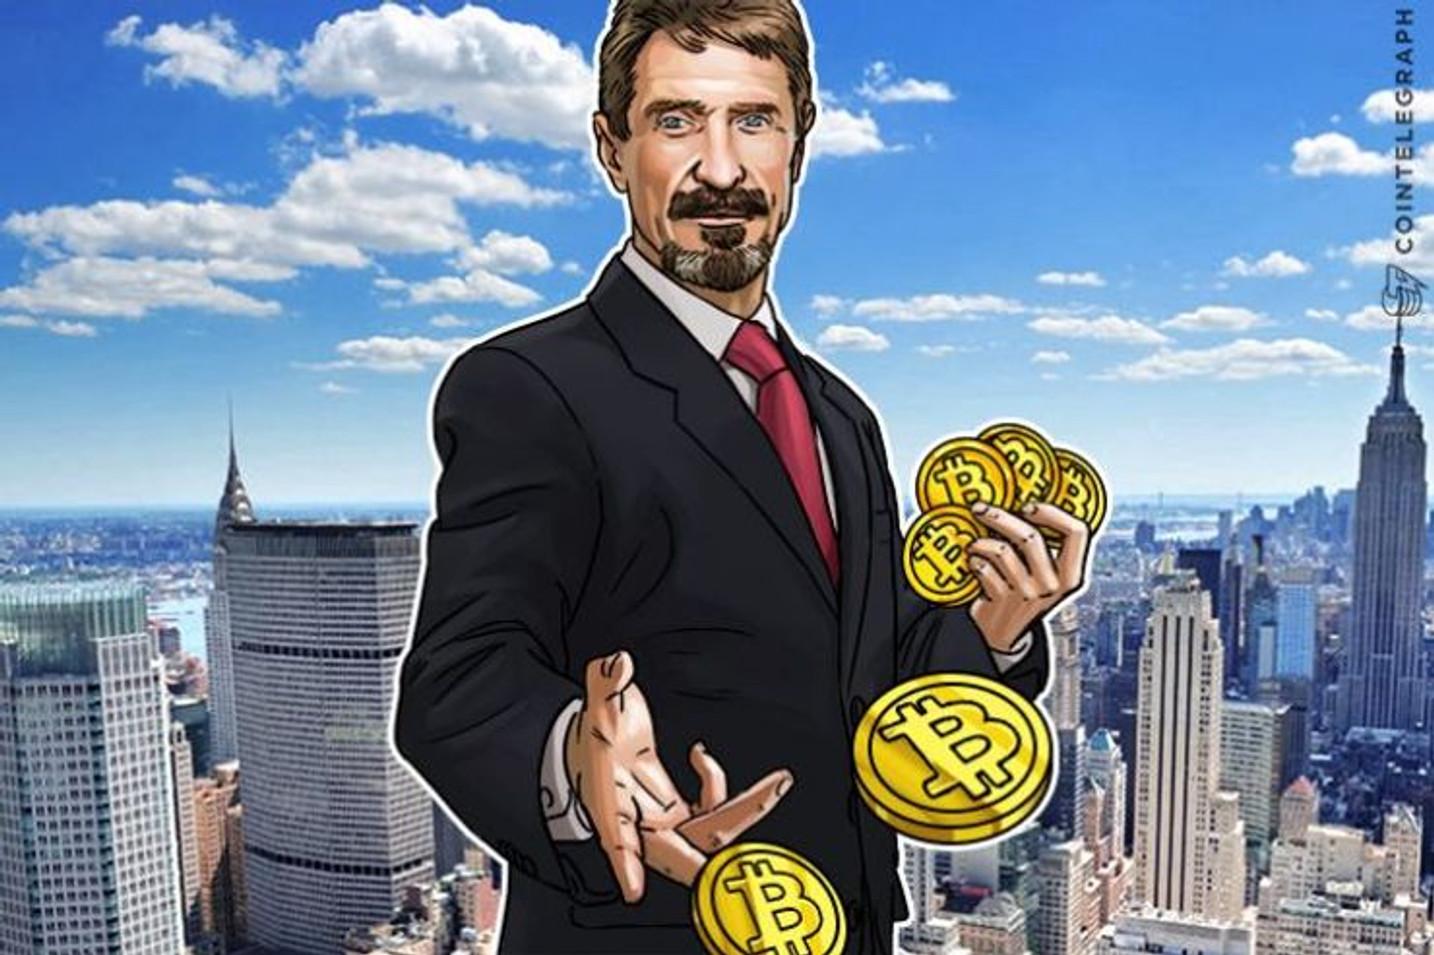 仮想通貨界で「最も影響力がある人物」、ジョン・マカフィー氏に独占インタビュー